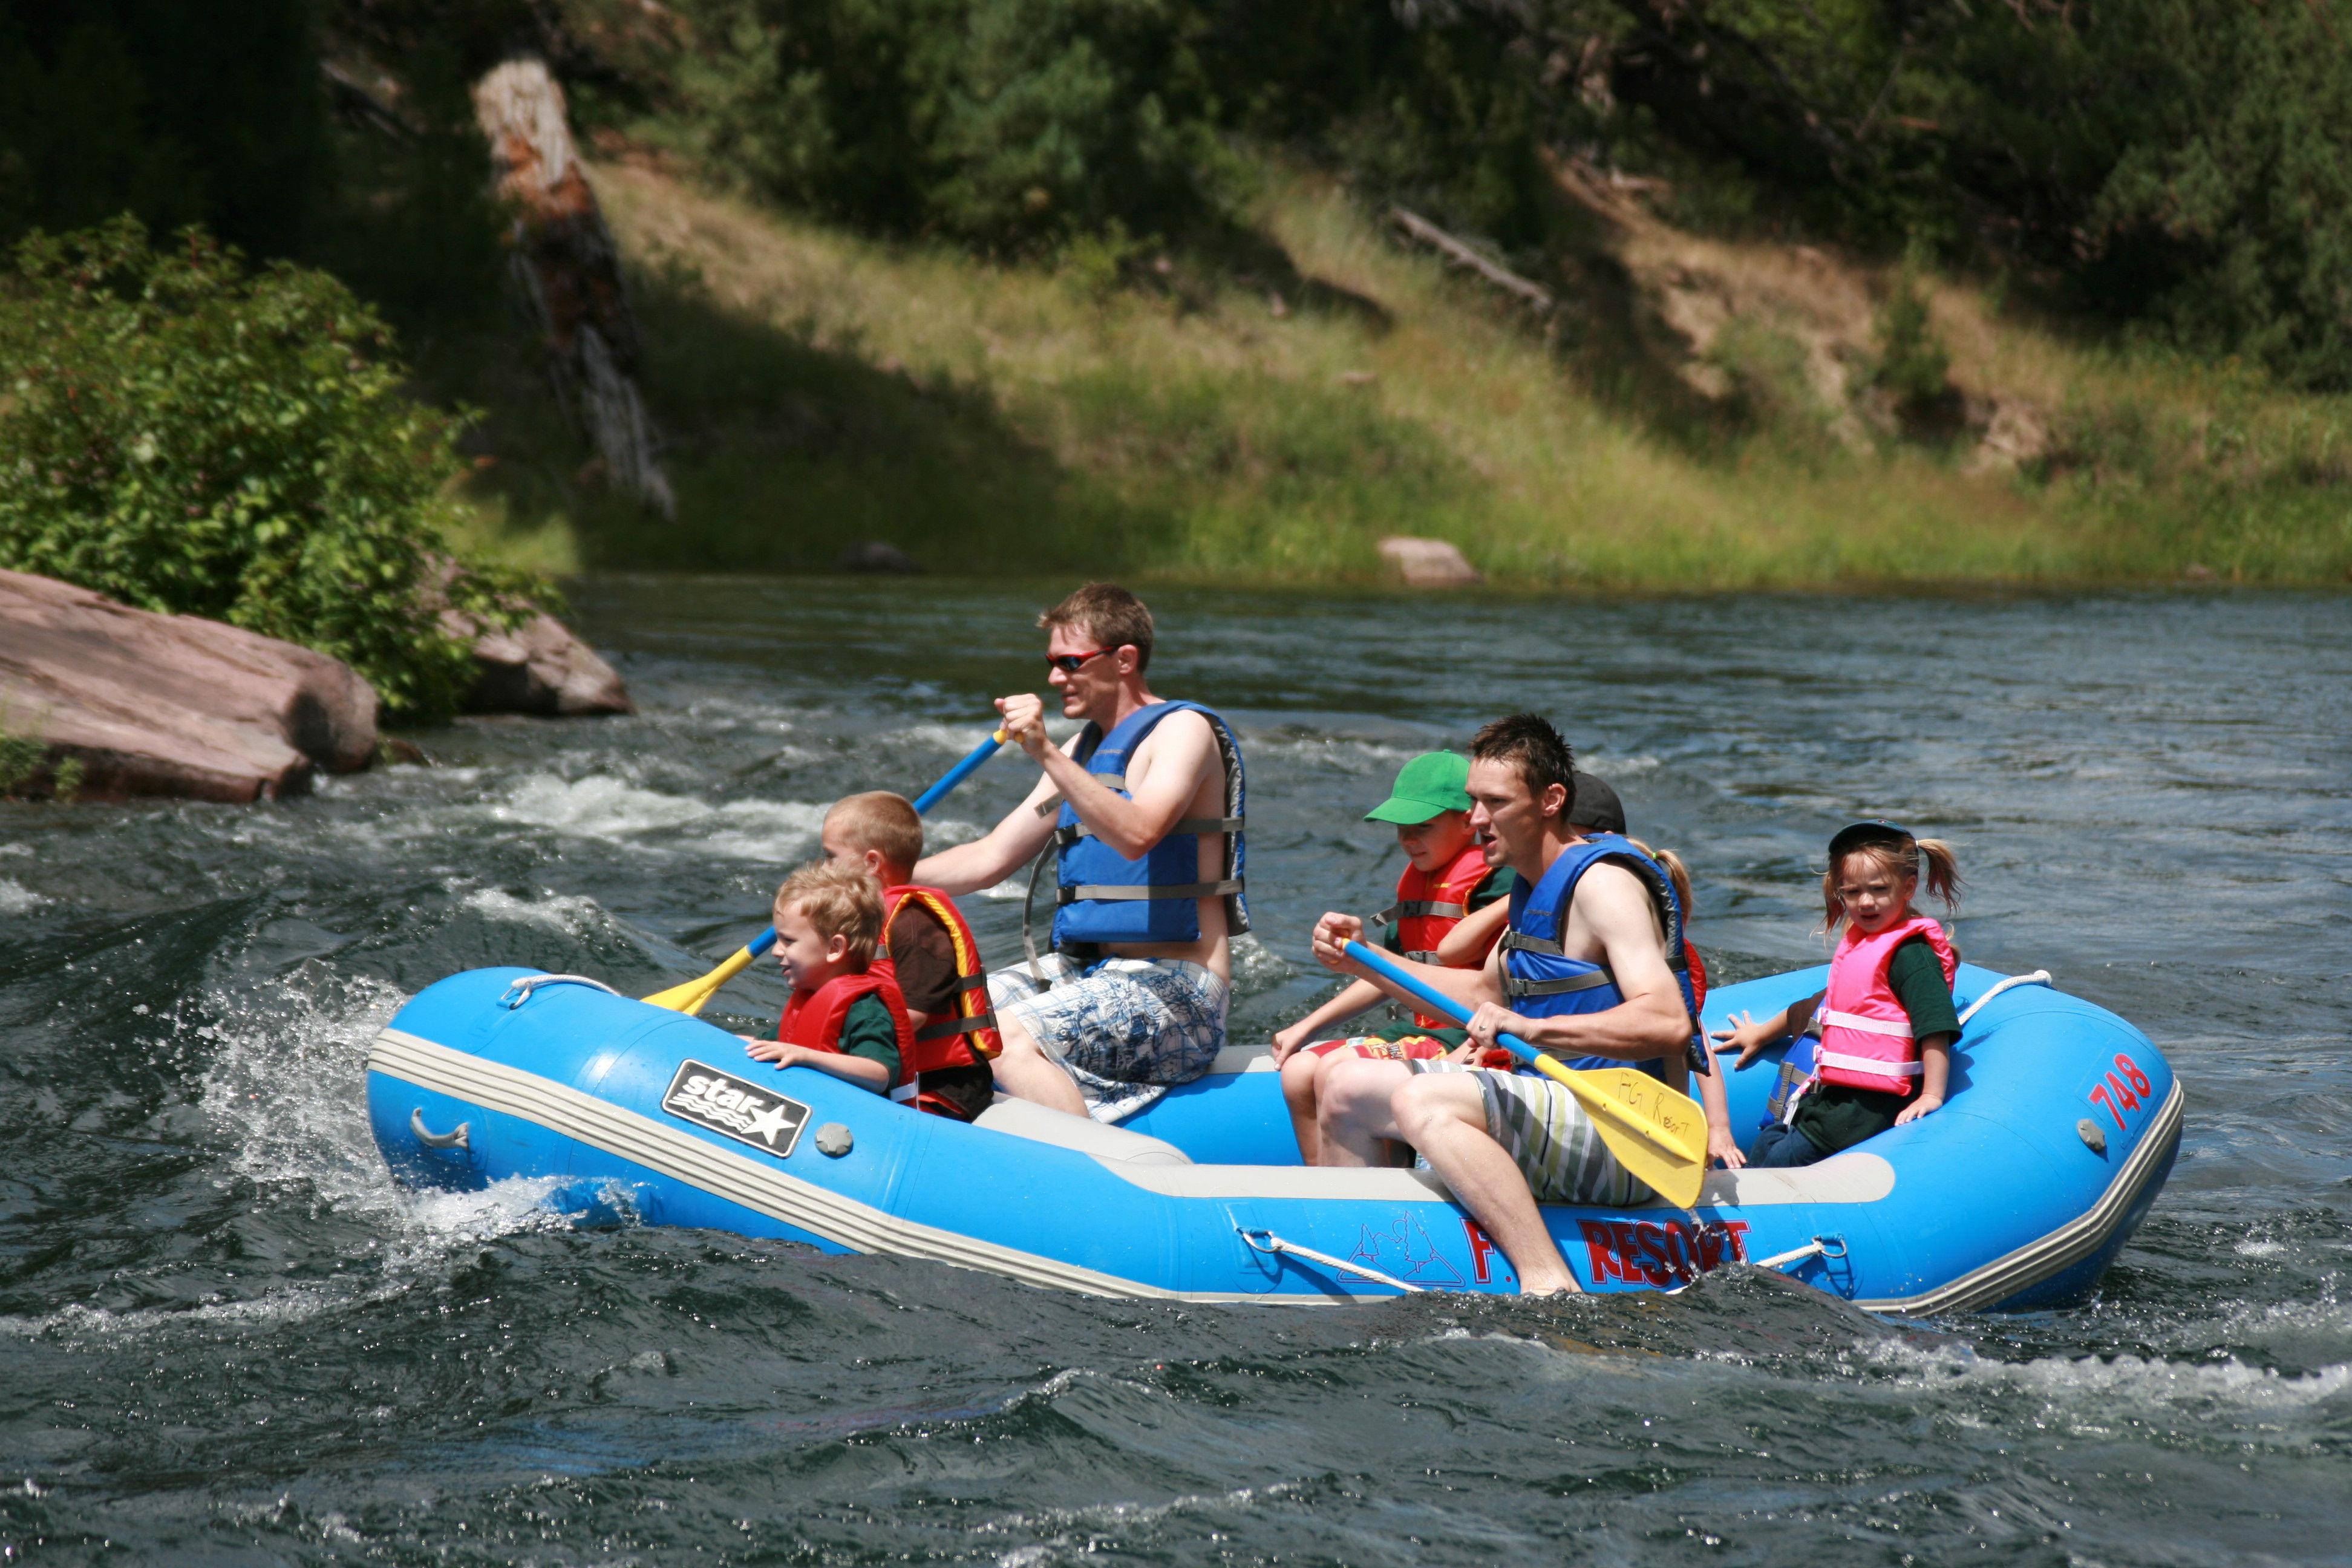 Raft & Boat Rentals